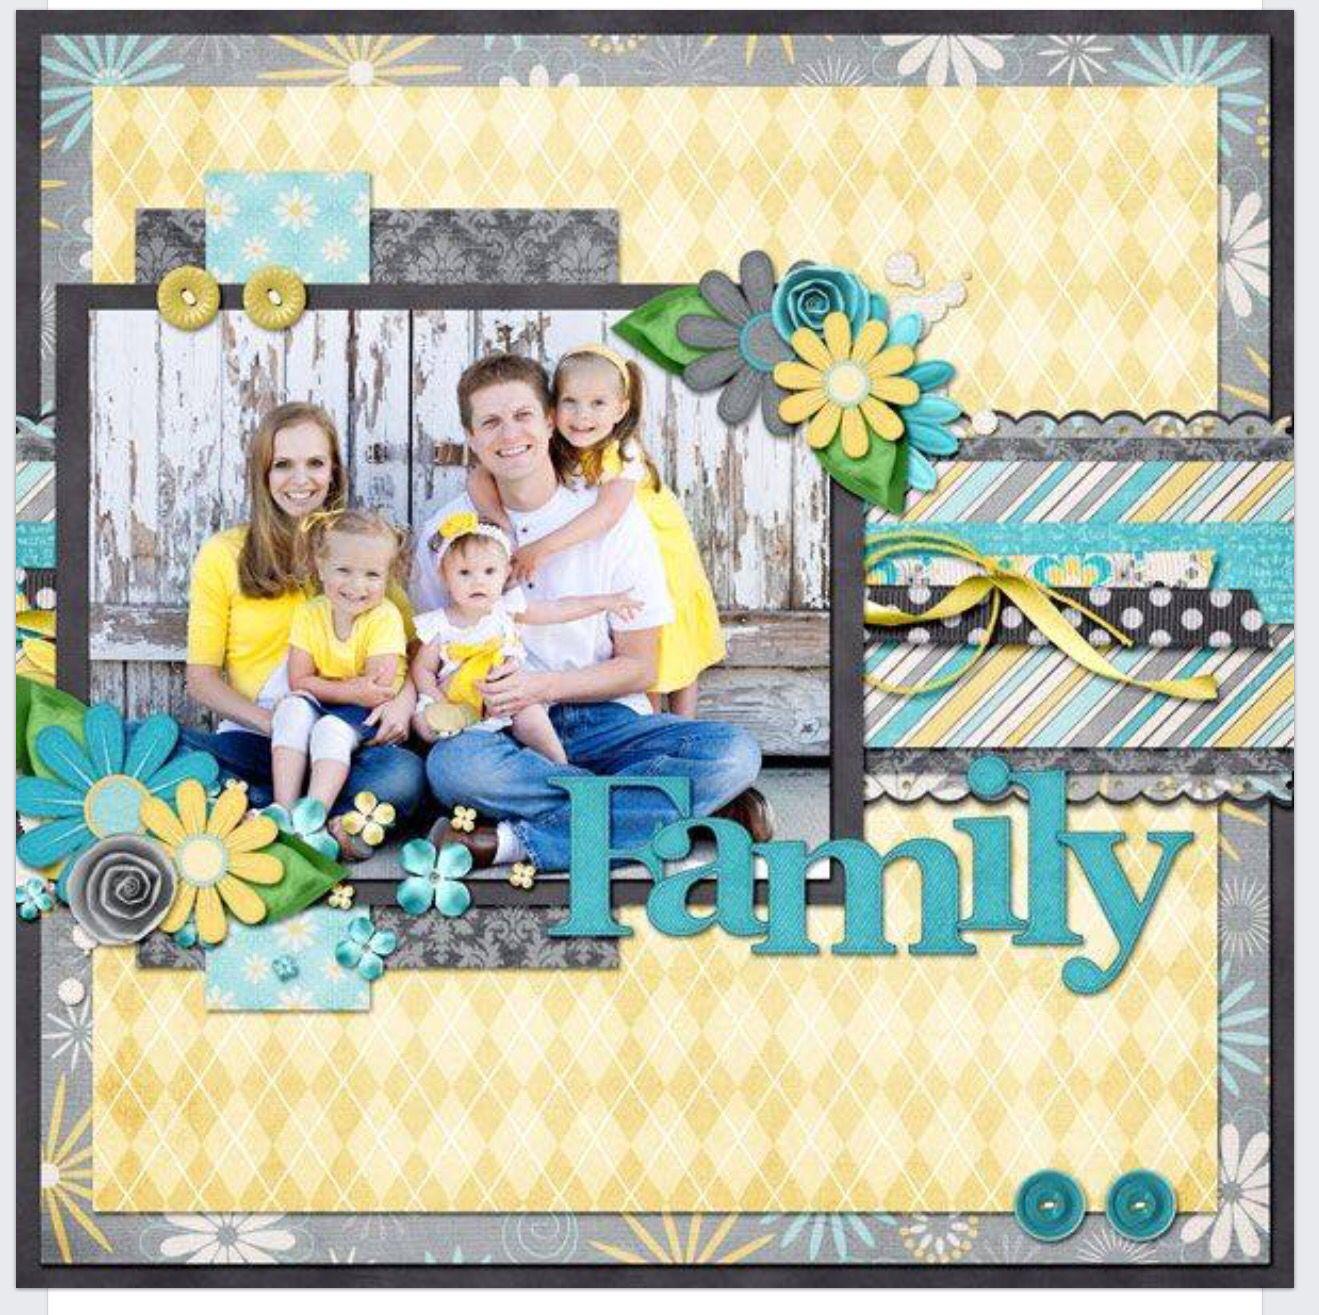 Family scrapbook ideas on pinterest - Family Family Lovephoto Layoutsscrapbooking